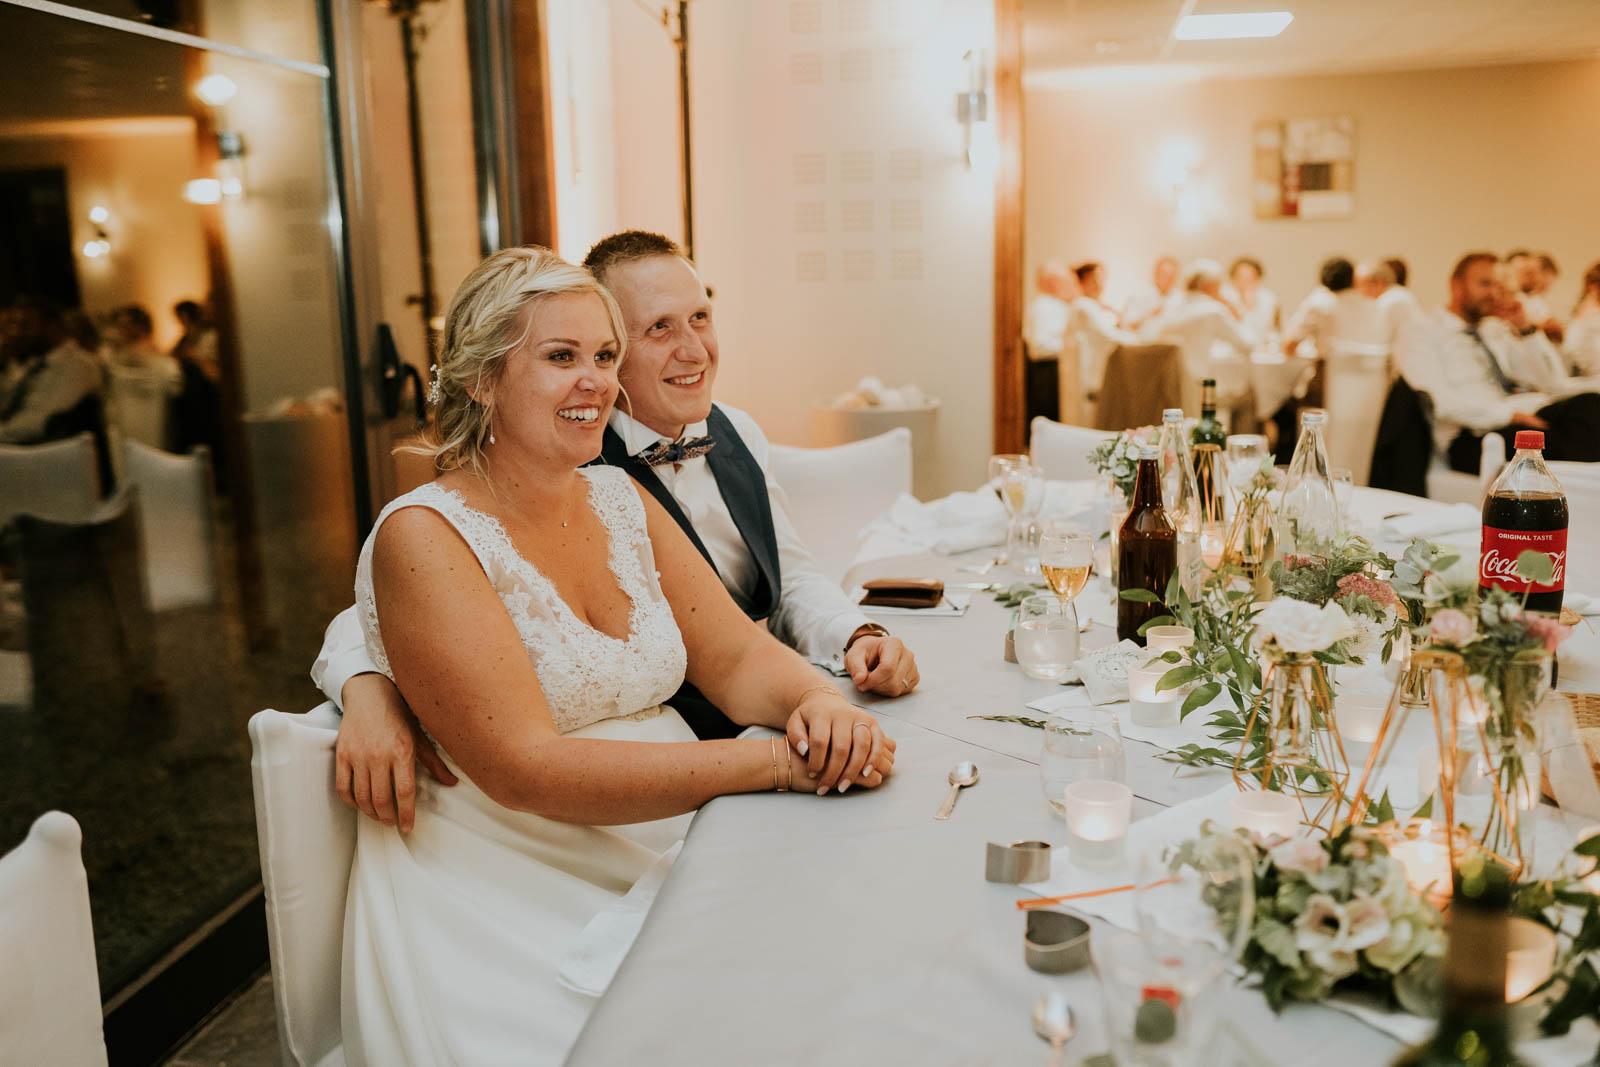 Soirée de mariage - les discours